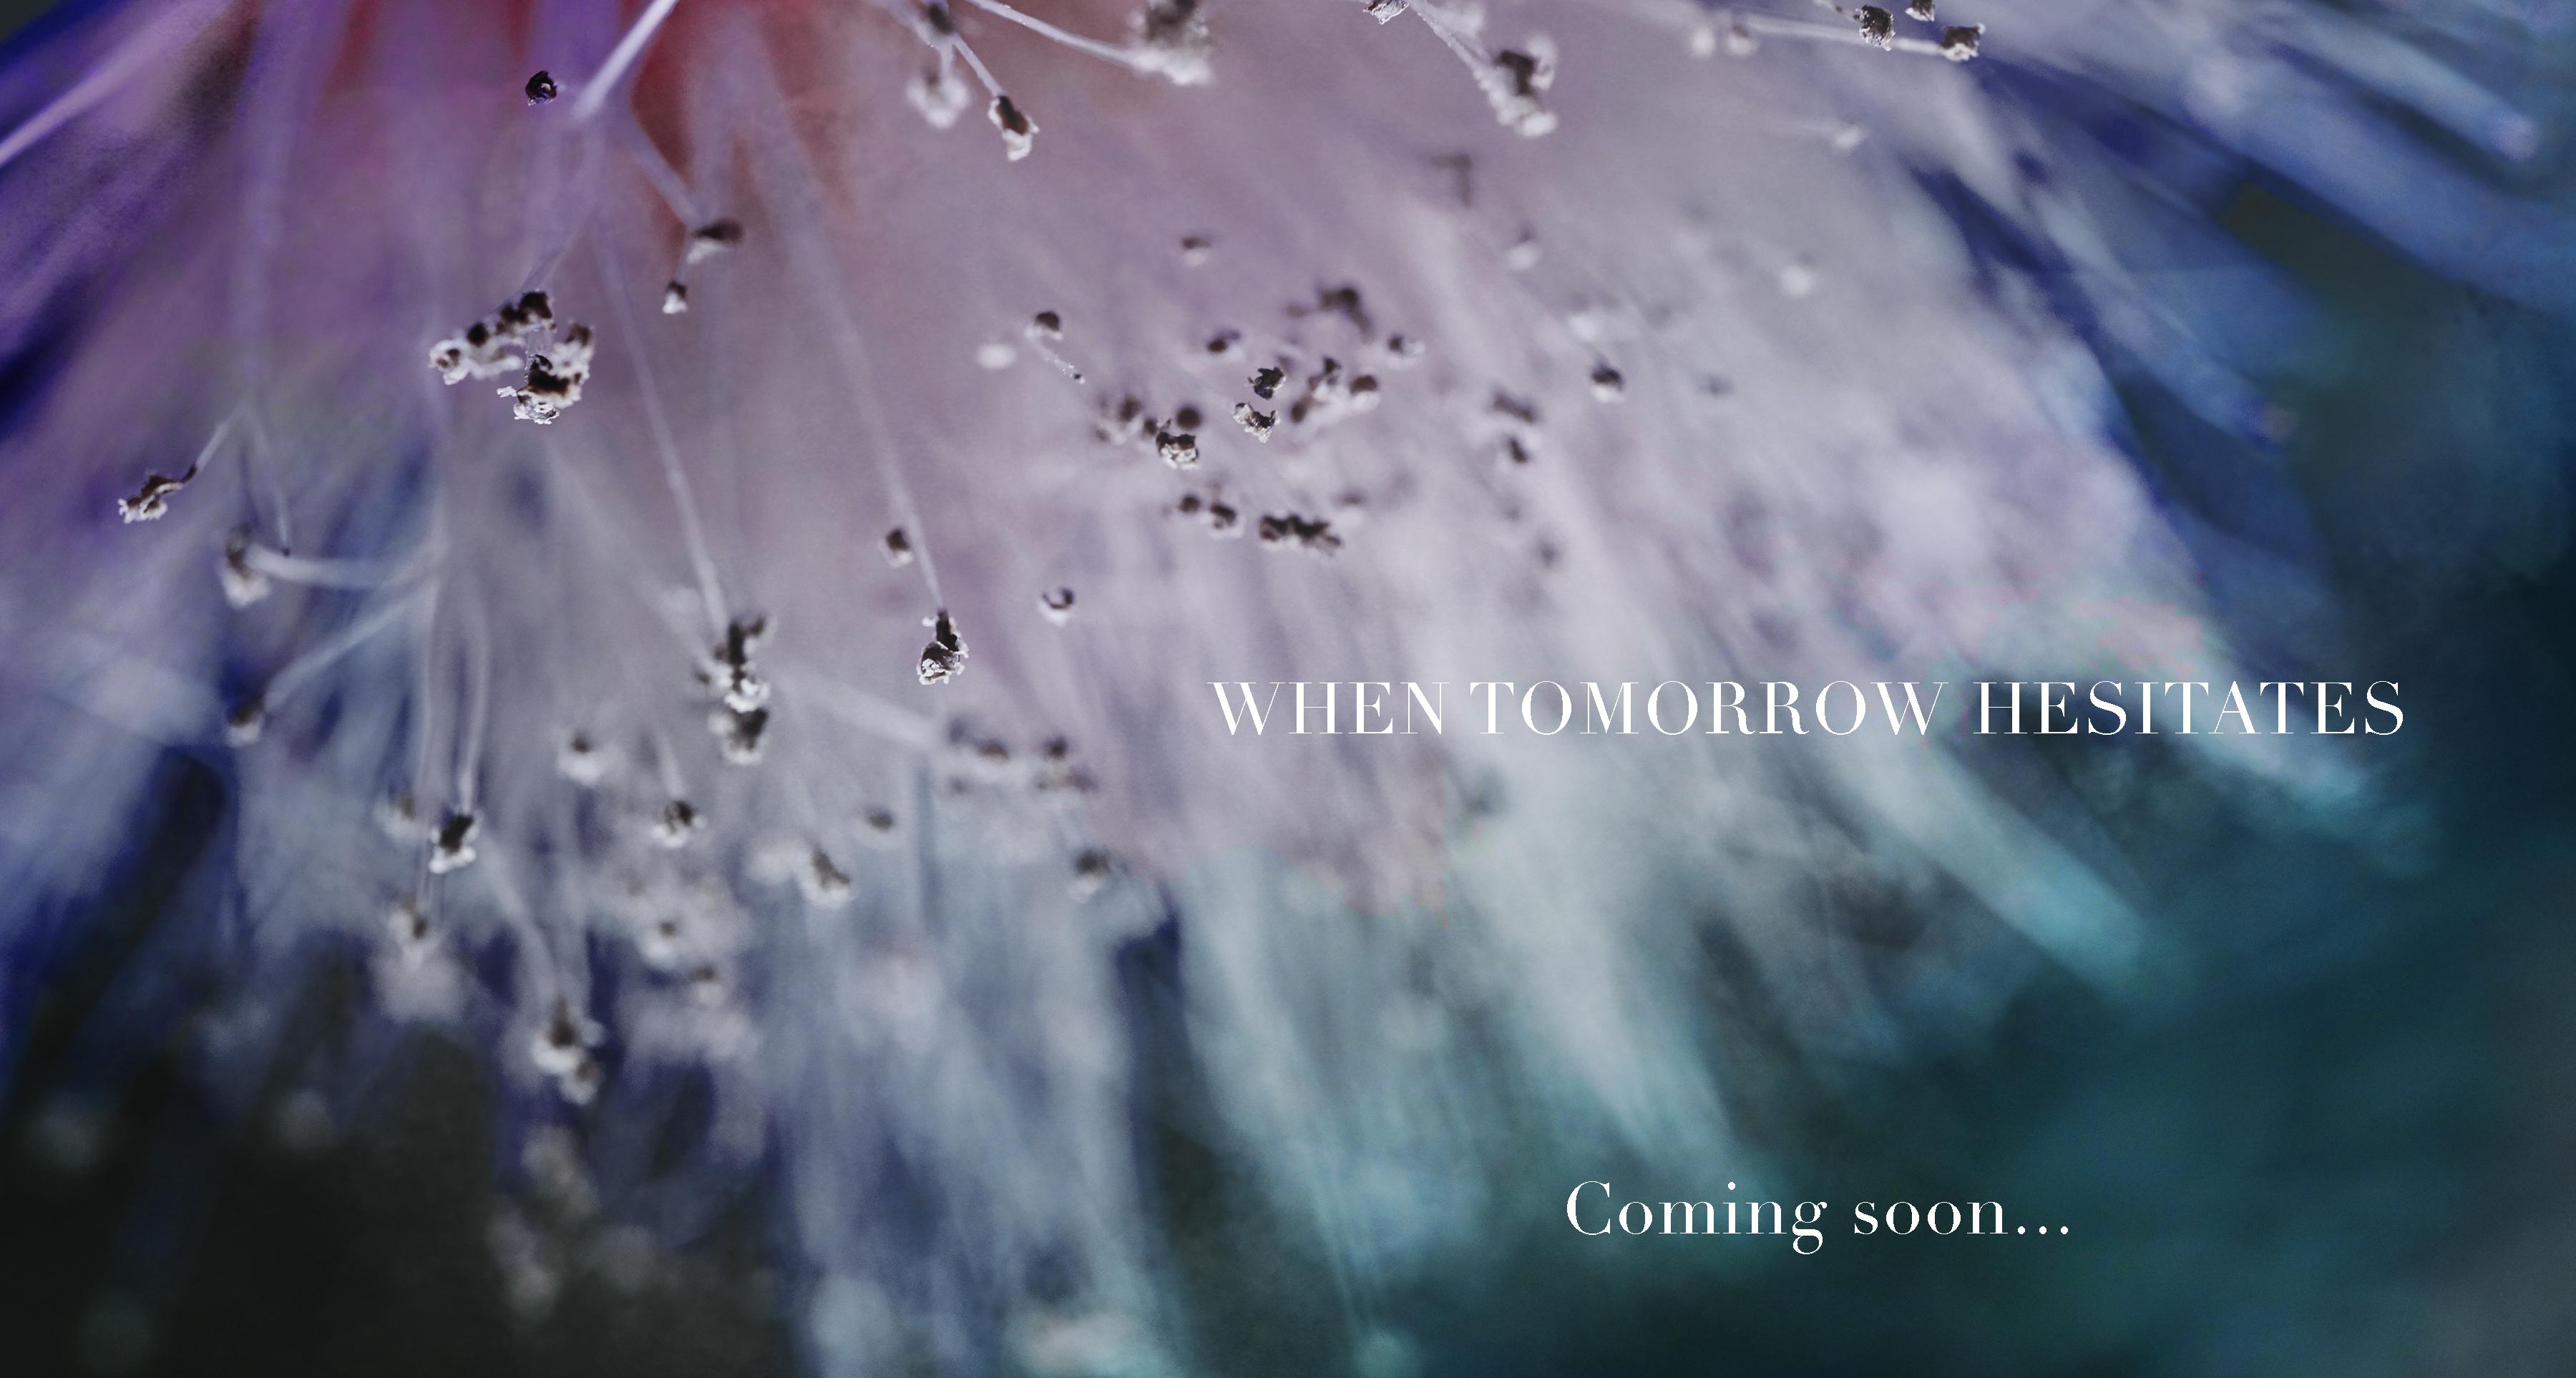 When tomorrow hesitates.jpg